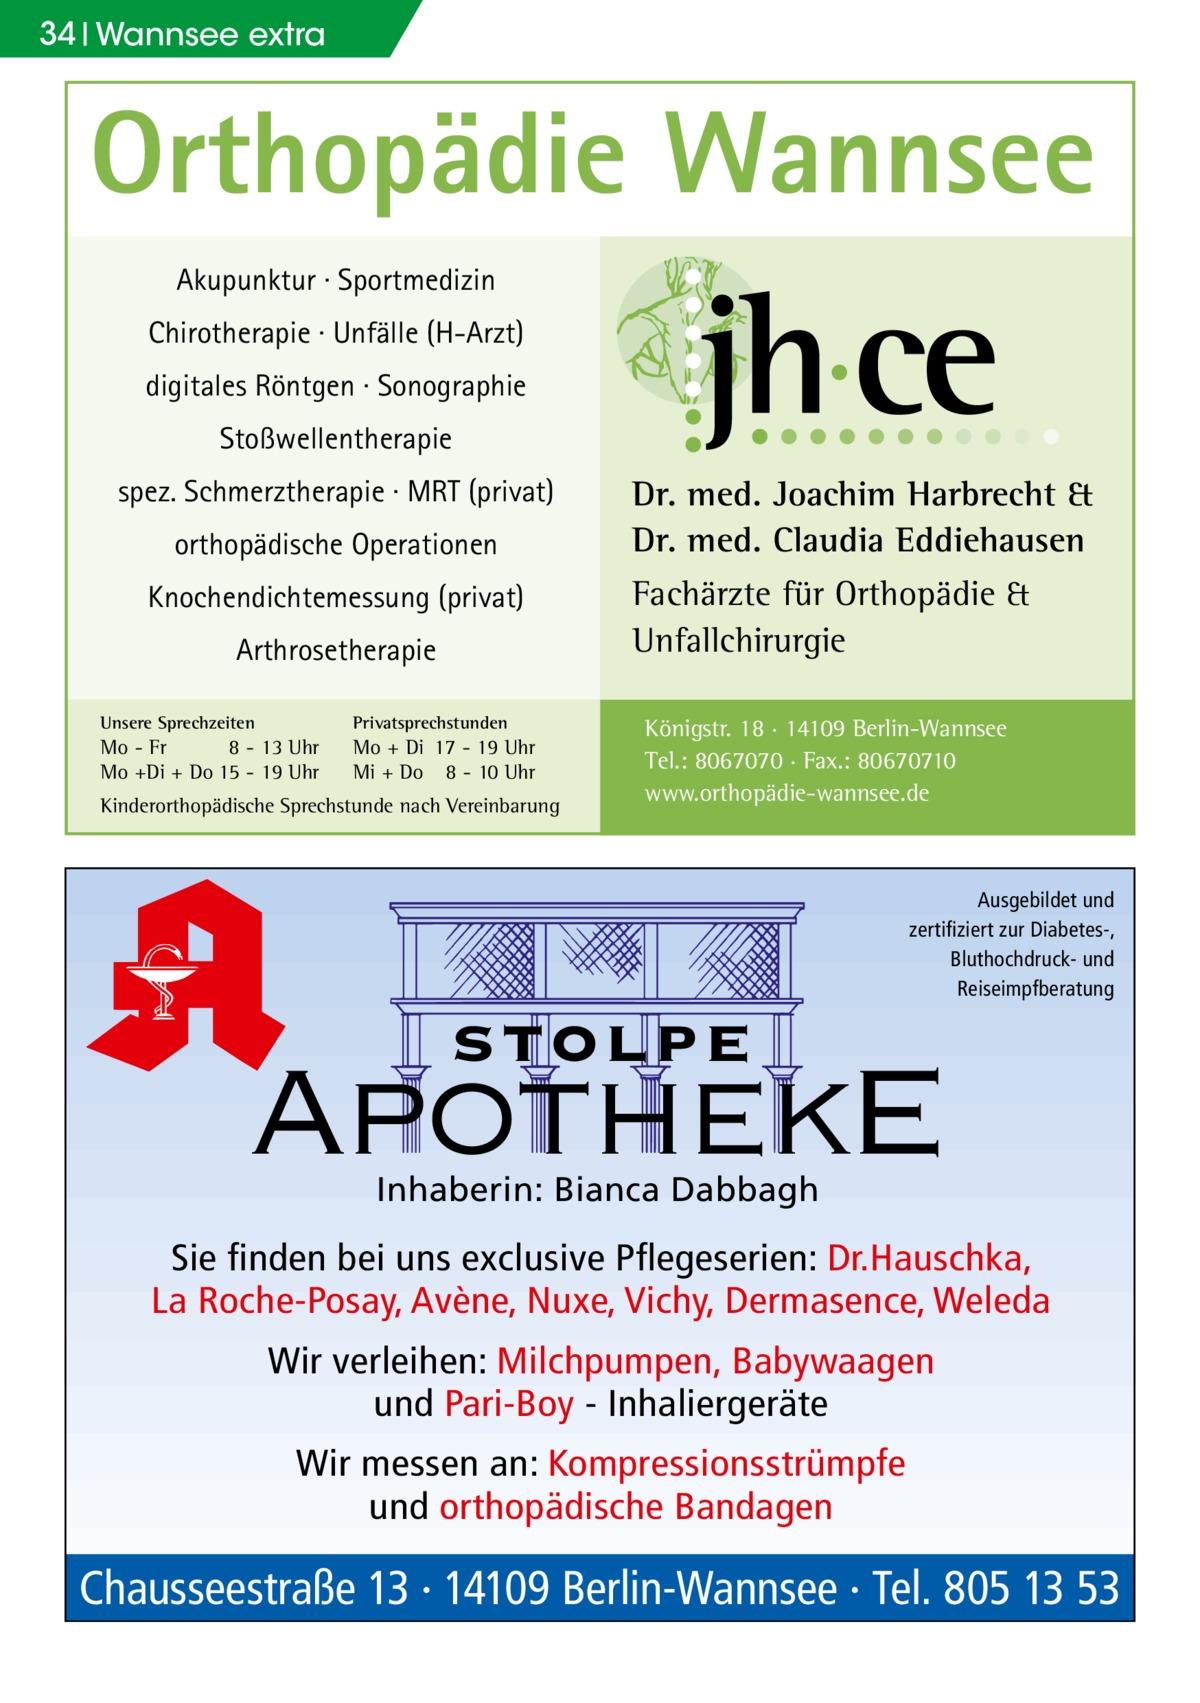 34 Wannsee extra  Orthopädie Wannsee Akupunktur · Sportmedizin Chirotherapie · Unfälle (H-Arzt) digitales Röntgen · Sonographie Stoßwellentherapie spez. Schmerztherapie · MRT (privat) orthopädische Operationen Knochendichtemessung (privat) Arthrosetherapie Unsere Sprechzeiten  Privatsprechstunden  Mo - Fr 8 - 13 Uhr Mo +Di + Do 15 - 19 Uhr  Mo + Di 17 - 19 Uhr Mi + Do 8 - 10 Uhr  Kinderorthopädische Sprechstunde nach Vereinbarung  Dr. med. Joachim Harbrecht & Dr. med. Claudia Eddiehausen Fachärzte für Orthopädie & Unfallchirurgie Königstr. 18 · 14109 Berlin-Wannsee Tel.: 8067070 · Fax.: 80670710 www.orthopädie-wannsee.de  Ausgebildet und zertifiziert zur Diabetes-, Bluthochdruck- und Reiseimpfberatung  stolpe  ApothekE Inhaberin: Bianca Dabbagh  Sie finden bei uns exclusive Pflegeserien: Dr.Hauschka, La Roche-Posay, Avène, Nuxe, Vichy, Dermasence, Weleda Wir verleihen: Milchpumpen, Babywaagen und Pari-Boy - Inhaliergeräte Wir messen an: Kompressionsstrümpfe und orthopädische Bandagen  Chausseestraße 13 · 14109 Berlin-Wannsee · Tel. 805 13 53